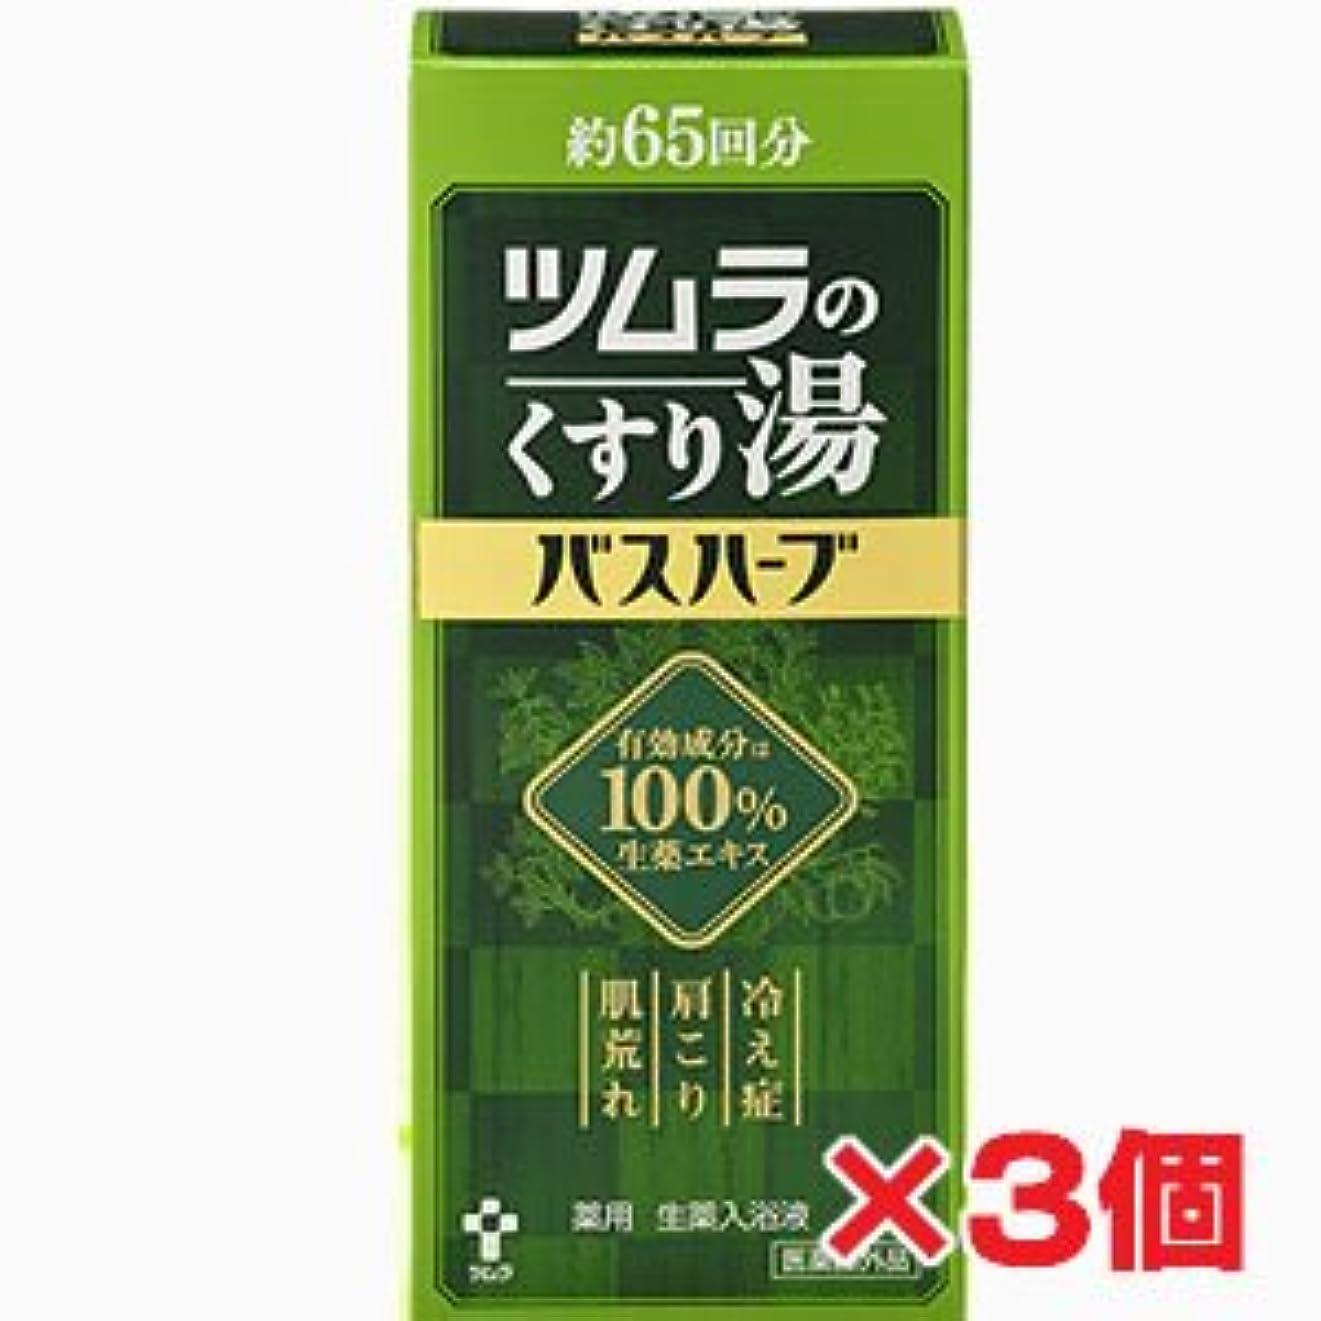 エスニック手当倍率【3本】ツムラのくすり湯 バスハーブ 650ml×3本